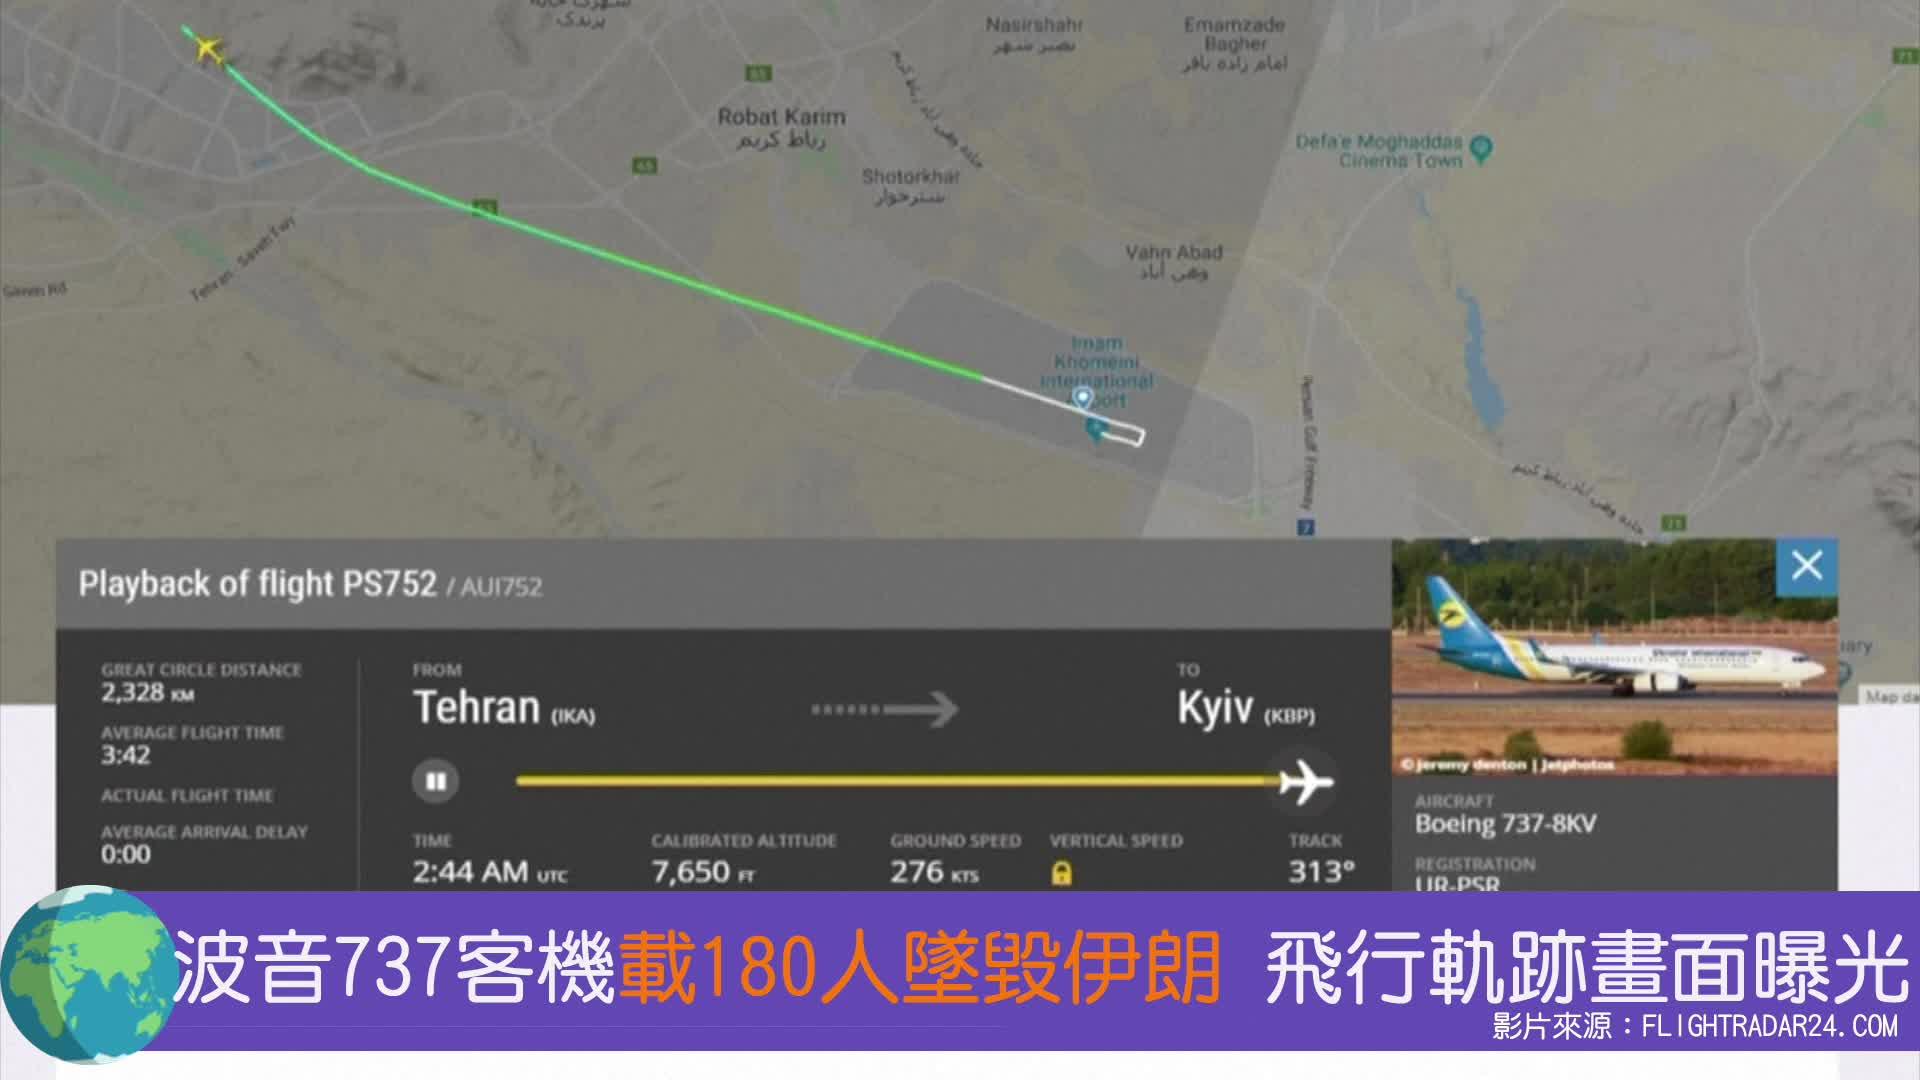 波音737客機載180人墜毀伊朗 飛行軌跡畫面曝光